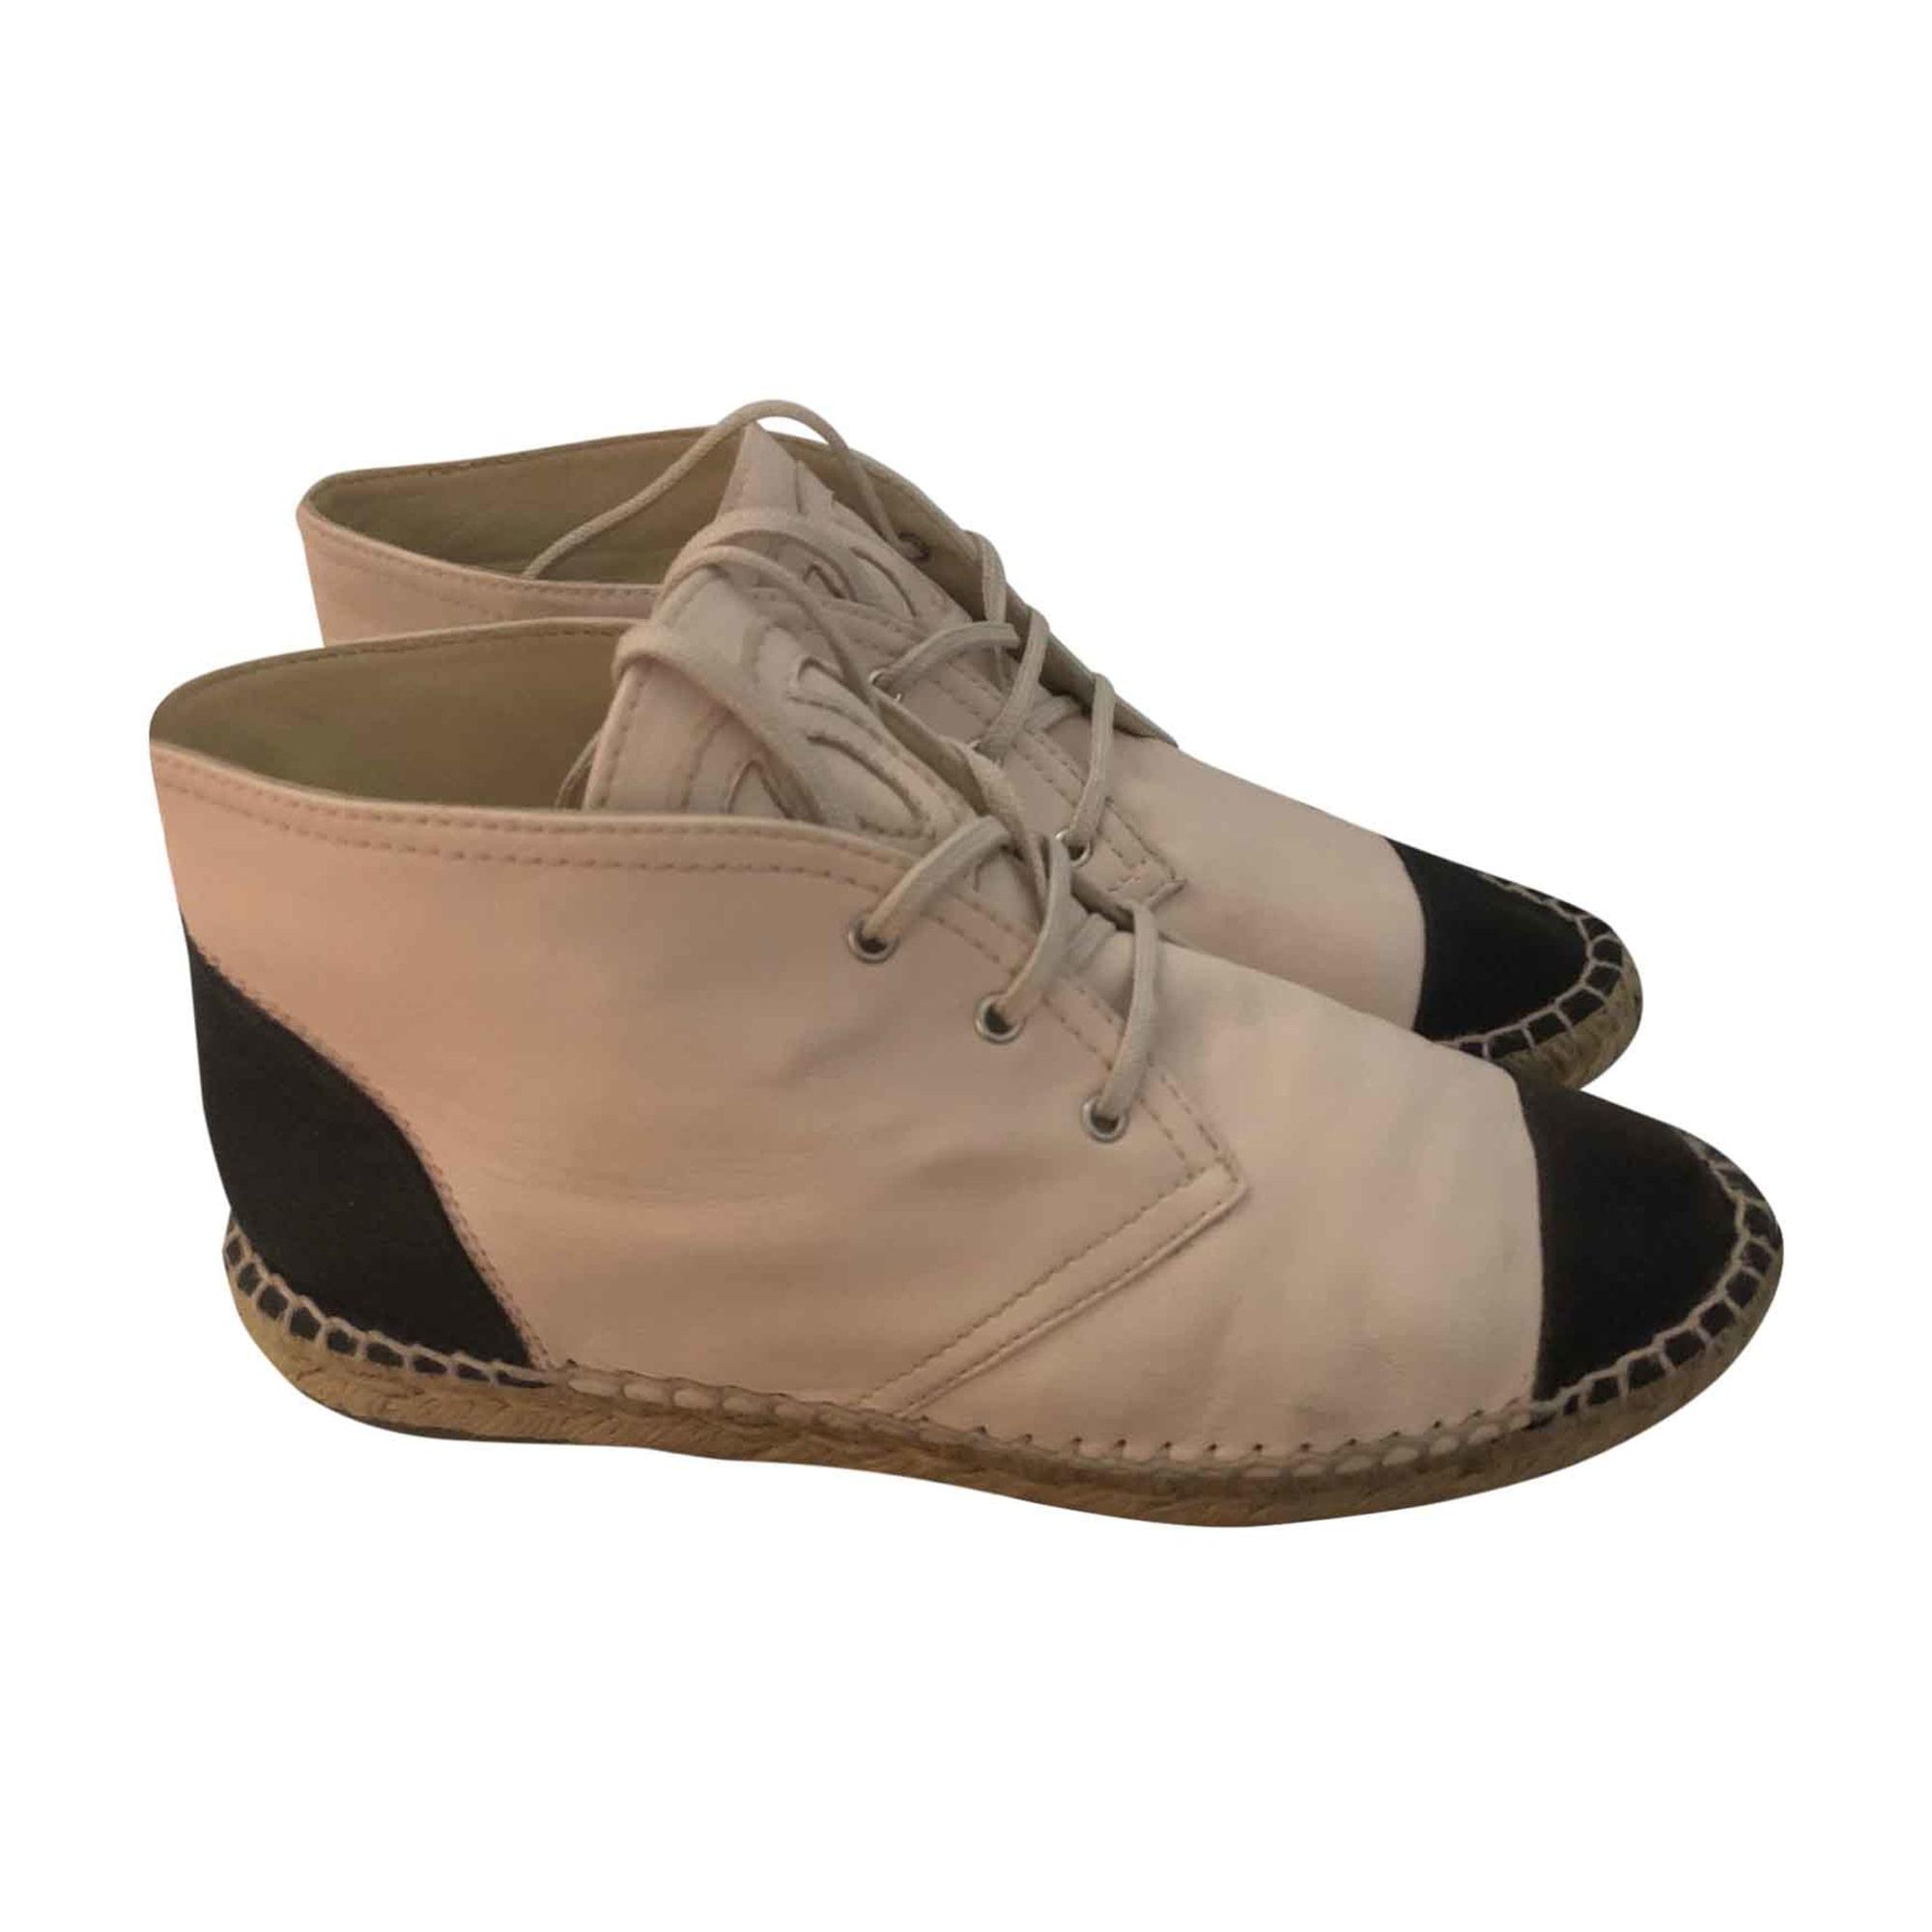 Chaussures à lacets CHANEL 39 beige - 7881805 2249d2fbeb4